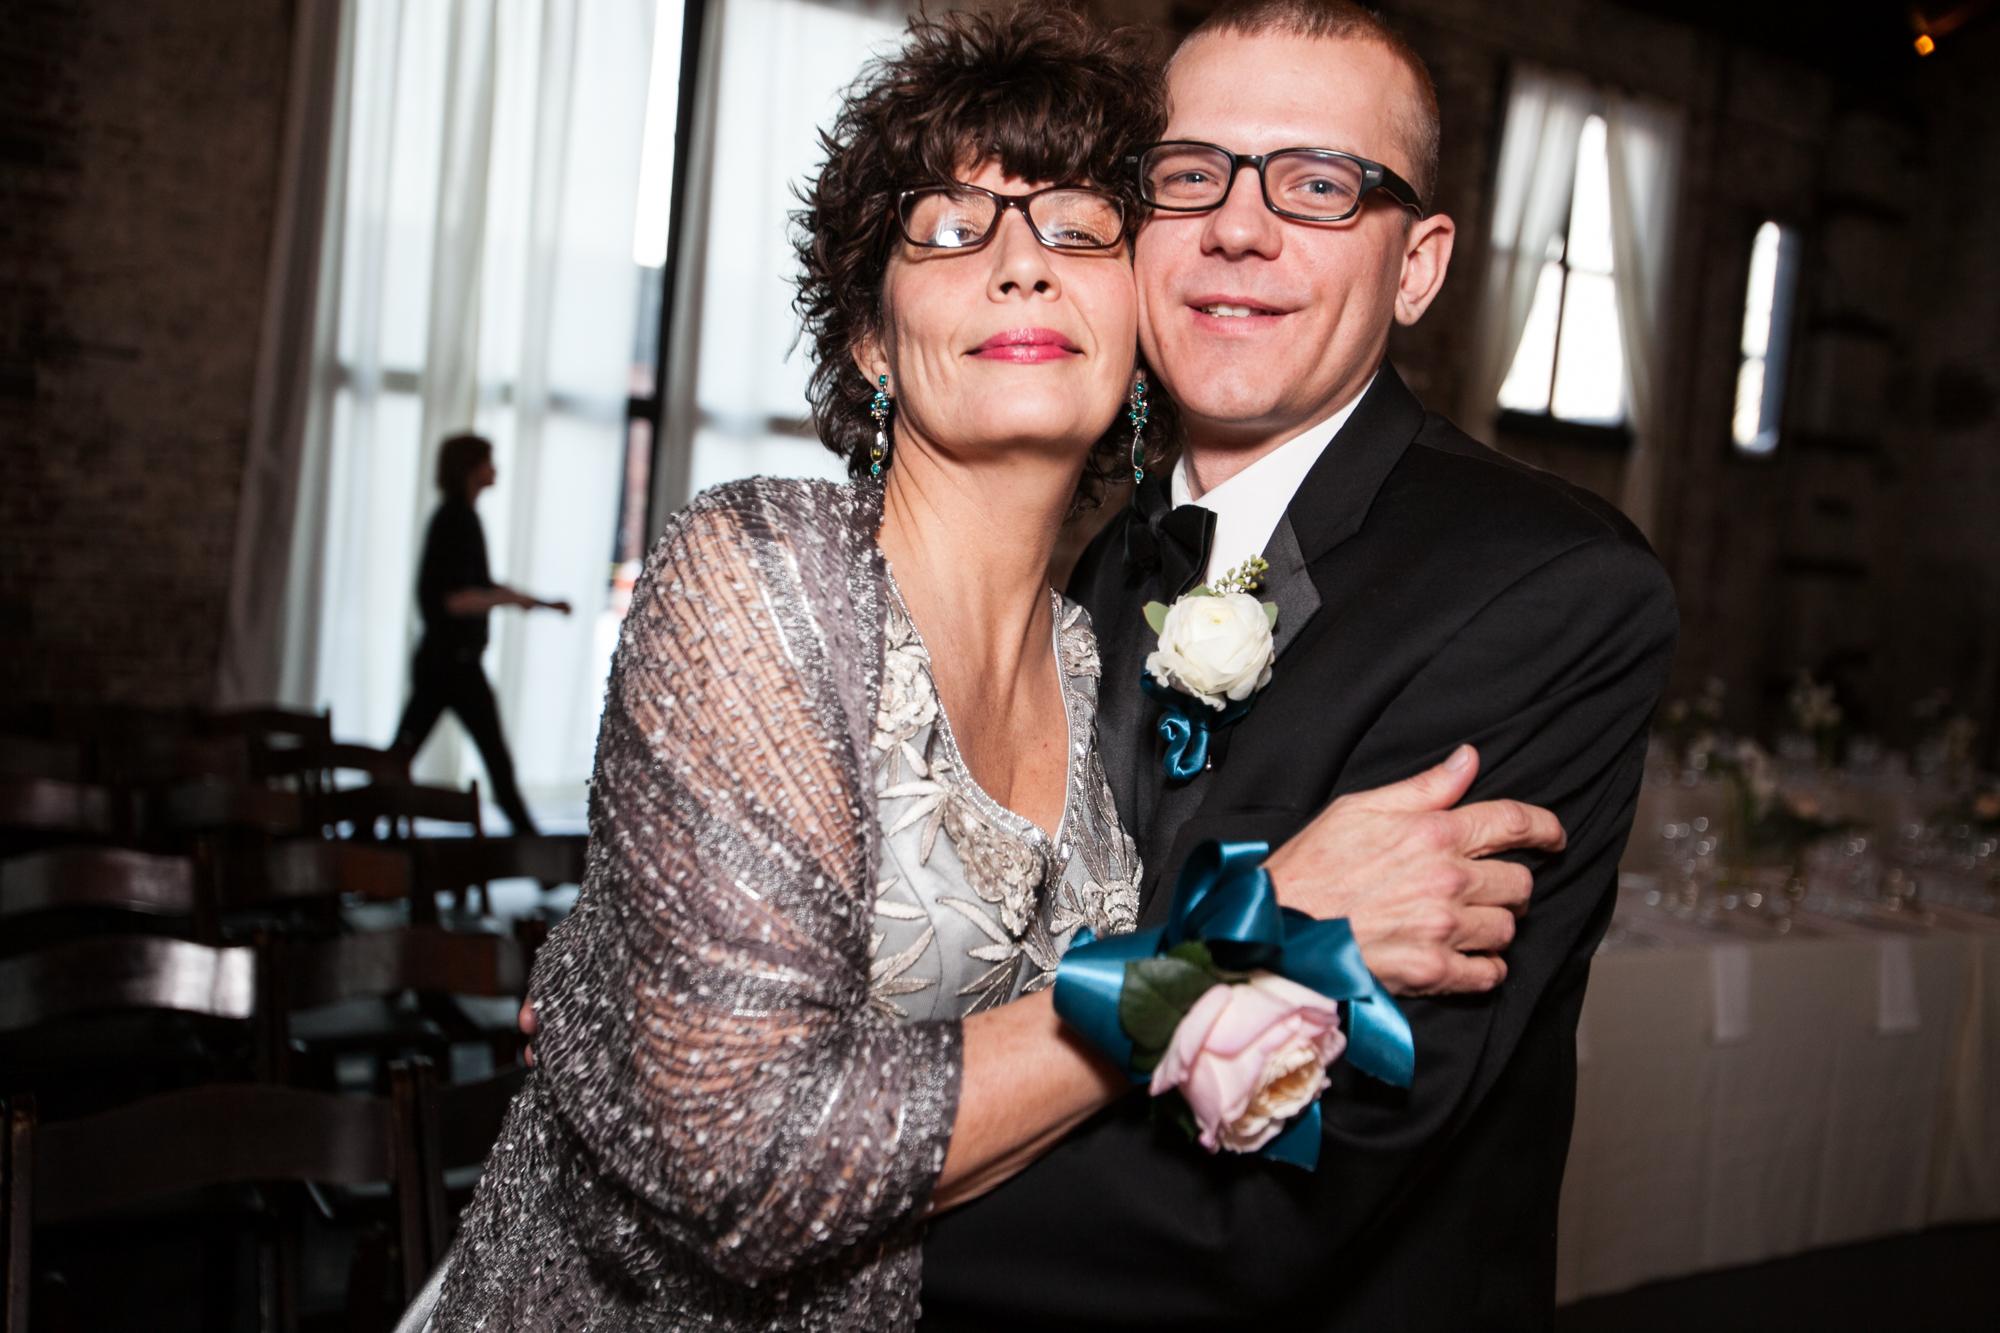 HeatherPhelpsLipton-Modern-WeddingPhotography-GreenBuilding-winter-prospectpark-19.jpg